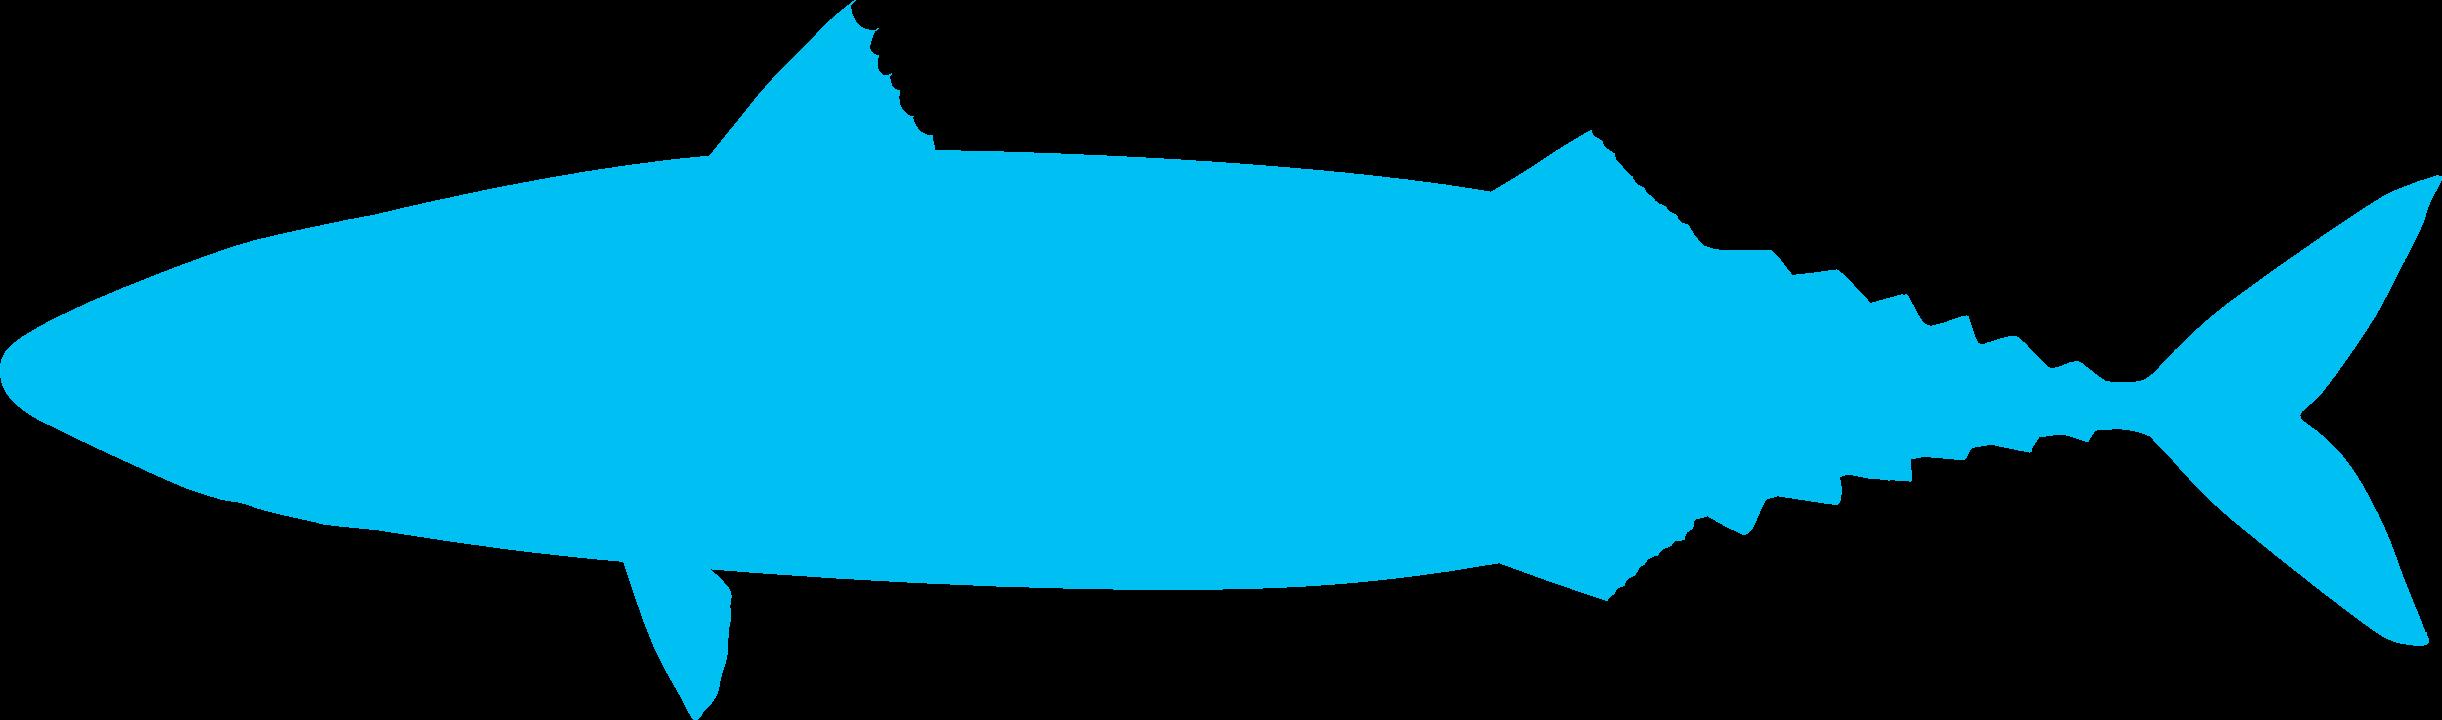 Image-Fish-mackerel-shape